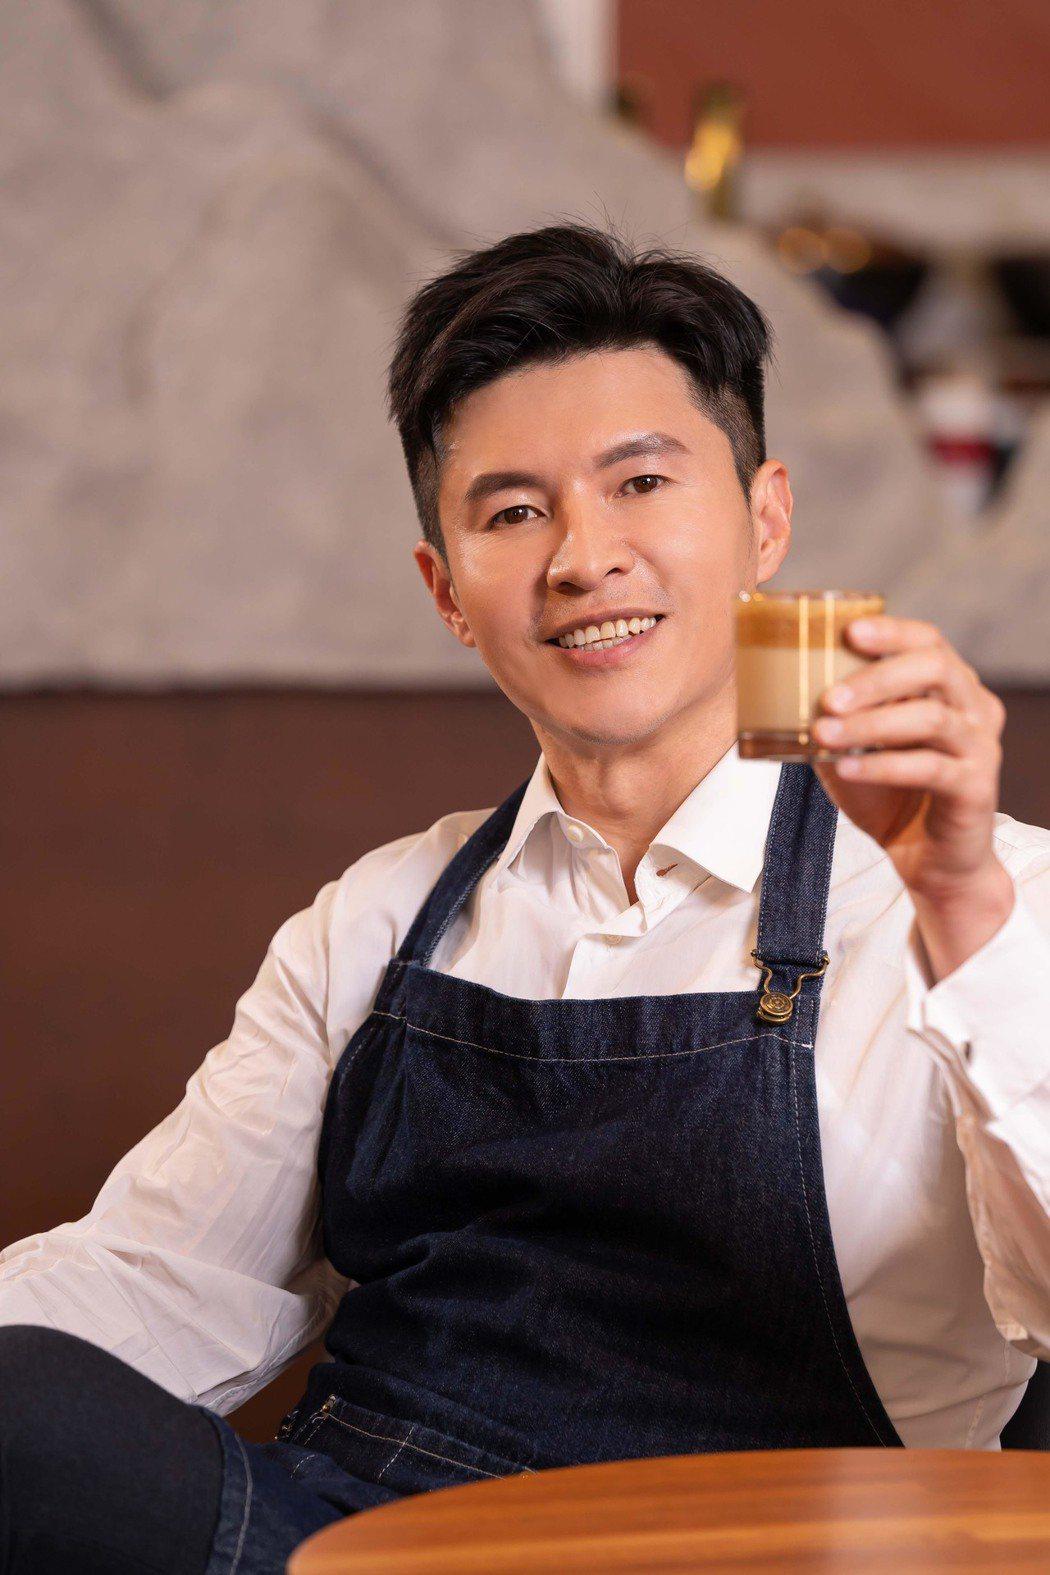 謝曜州挑戰「400次咖啡」。圖/TVBS提供